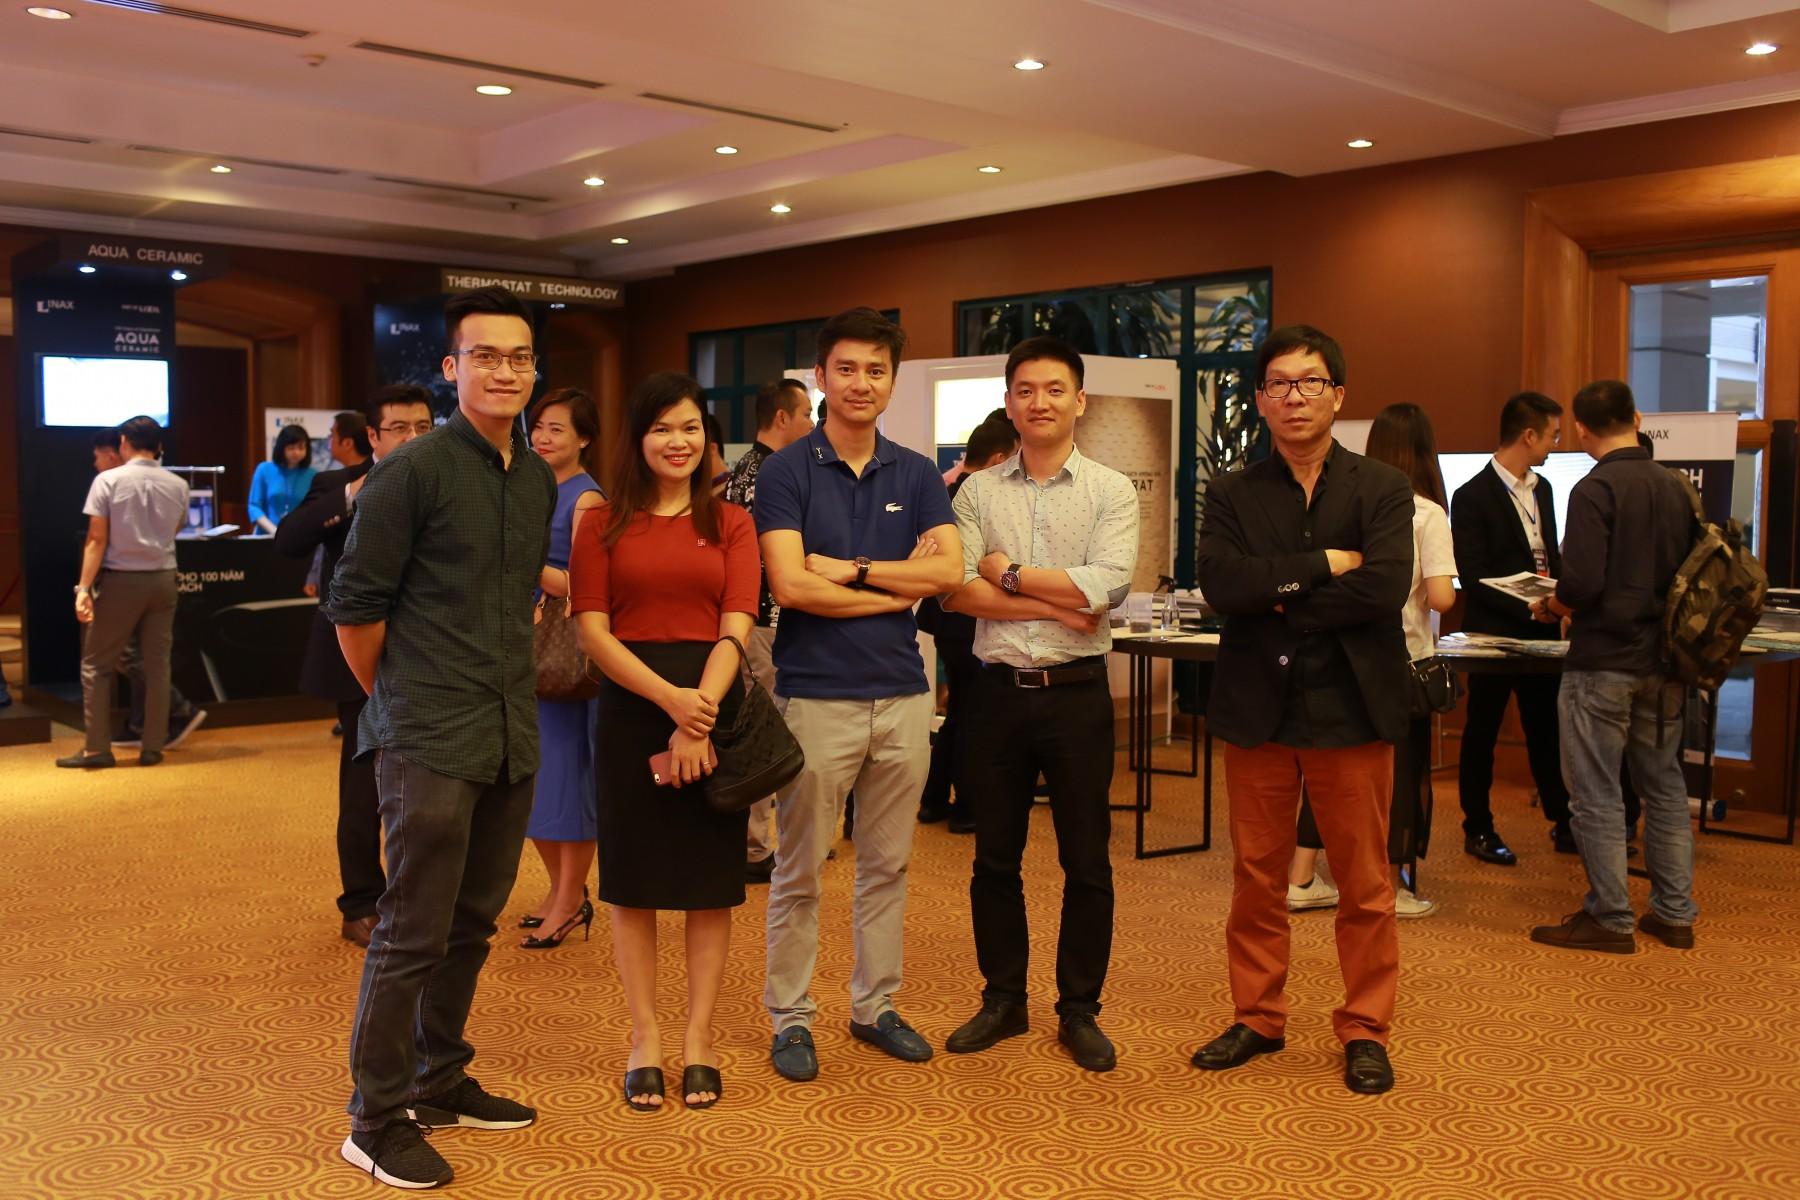 INAX ra mắt sách kỉ yếu ALP 2017 bên cạnh hội thảo Architecture Leader Perspective tại Hà Nội